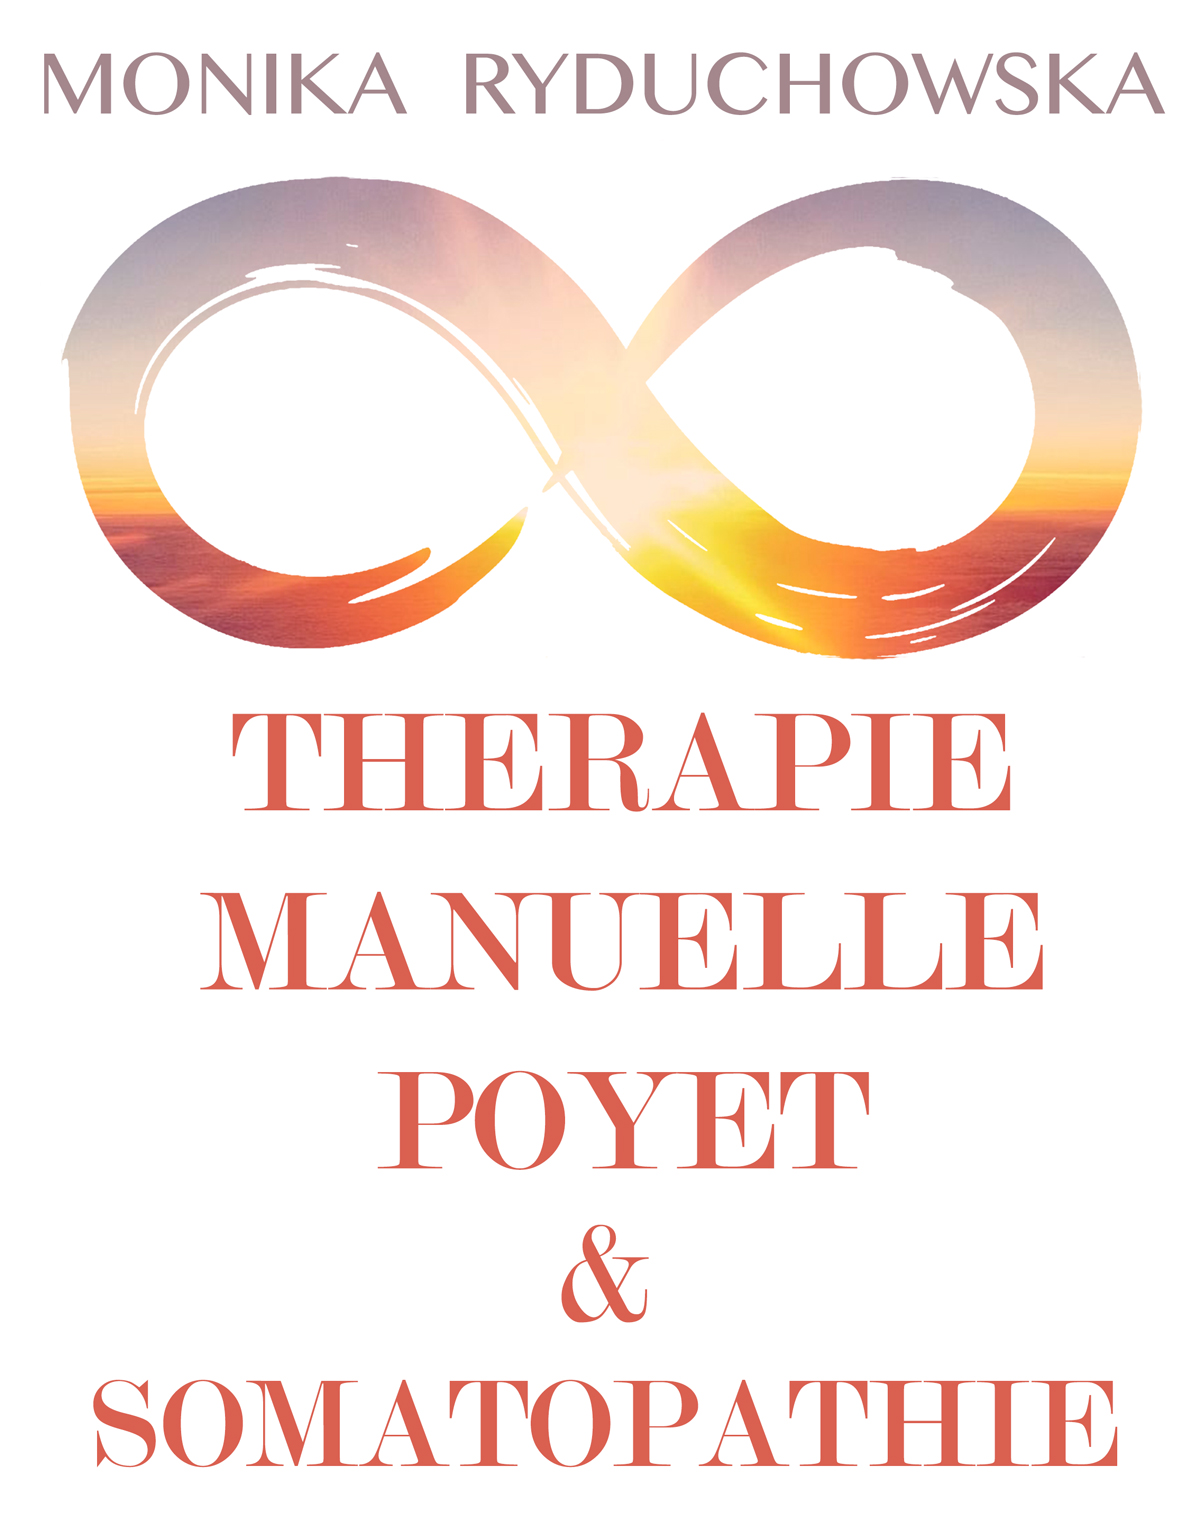 Somatopathie &Thérapie Poyet Logo